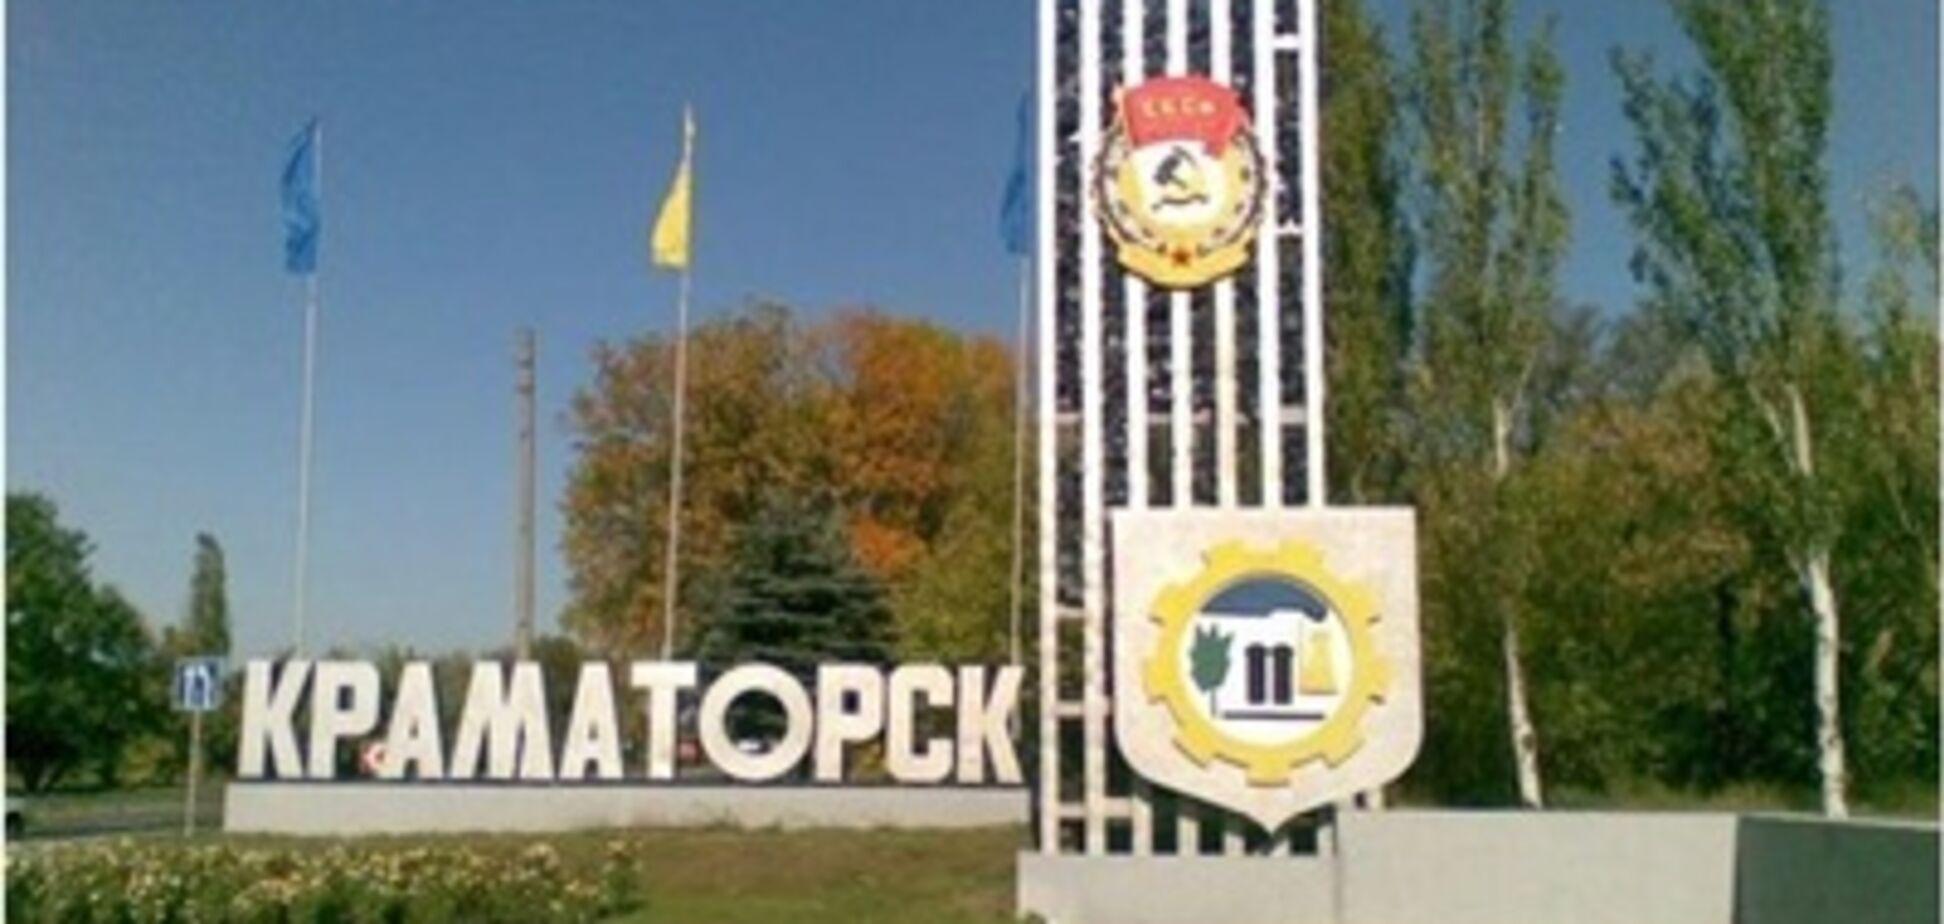 Спецоперация на Донбассе: в ООС дали рекомендации местным жителям